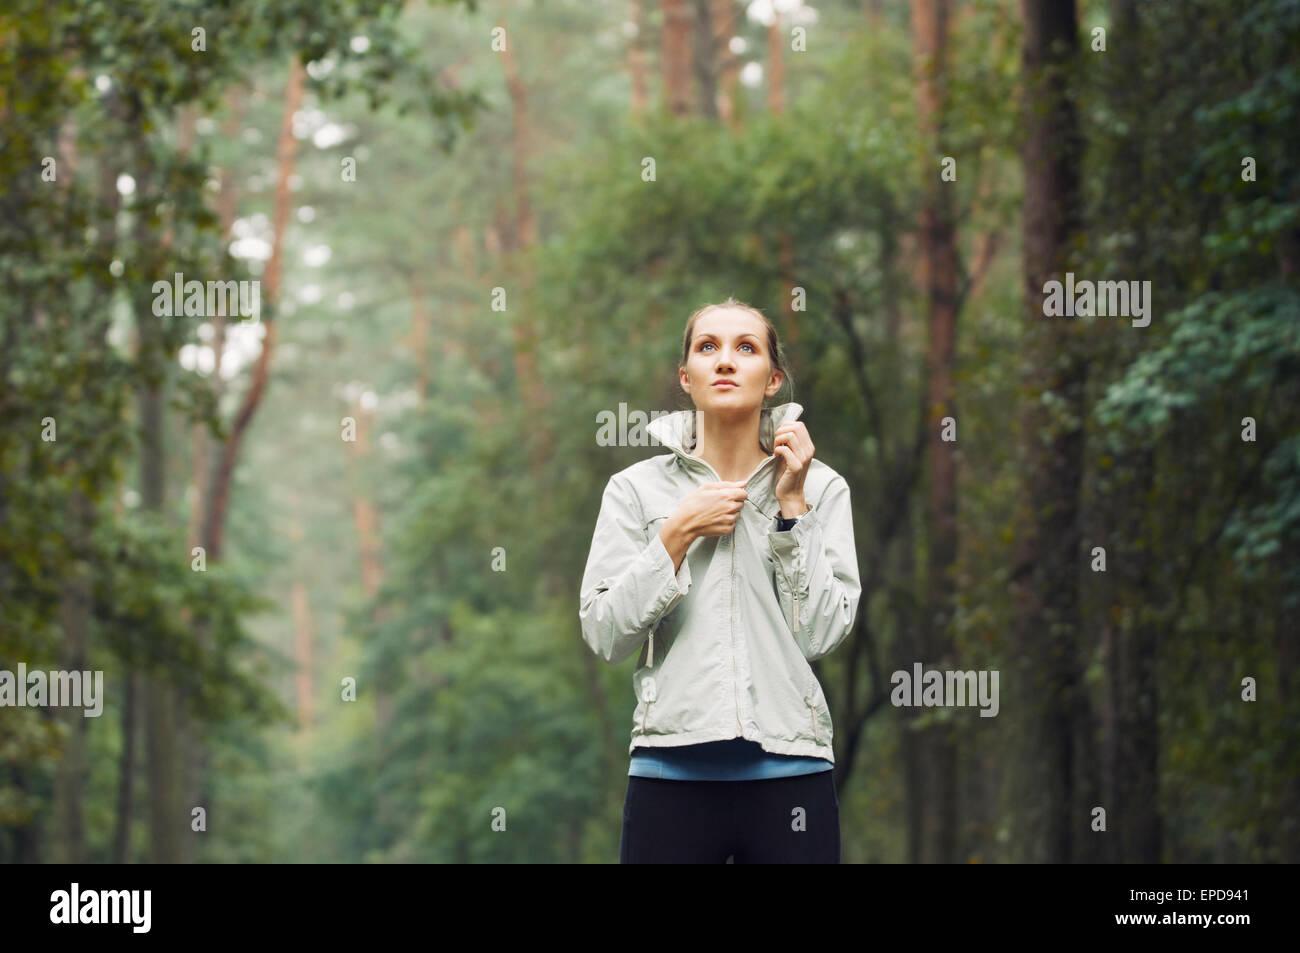 Uno stile di vita sano fitness donna sportiva in esecuzione nelle prime ore del mattino nella zona forestale, fitness Immagini Stock